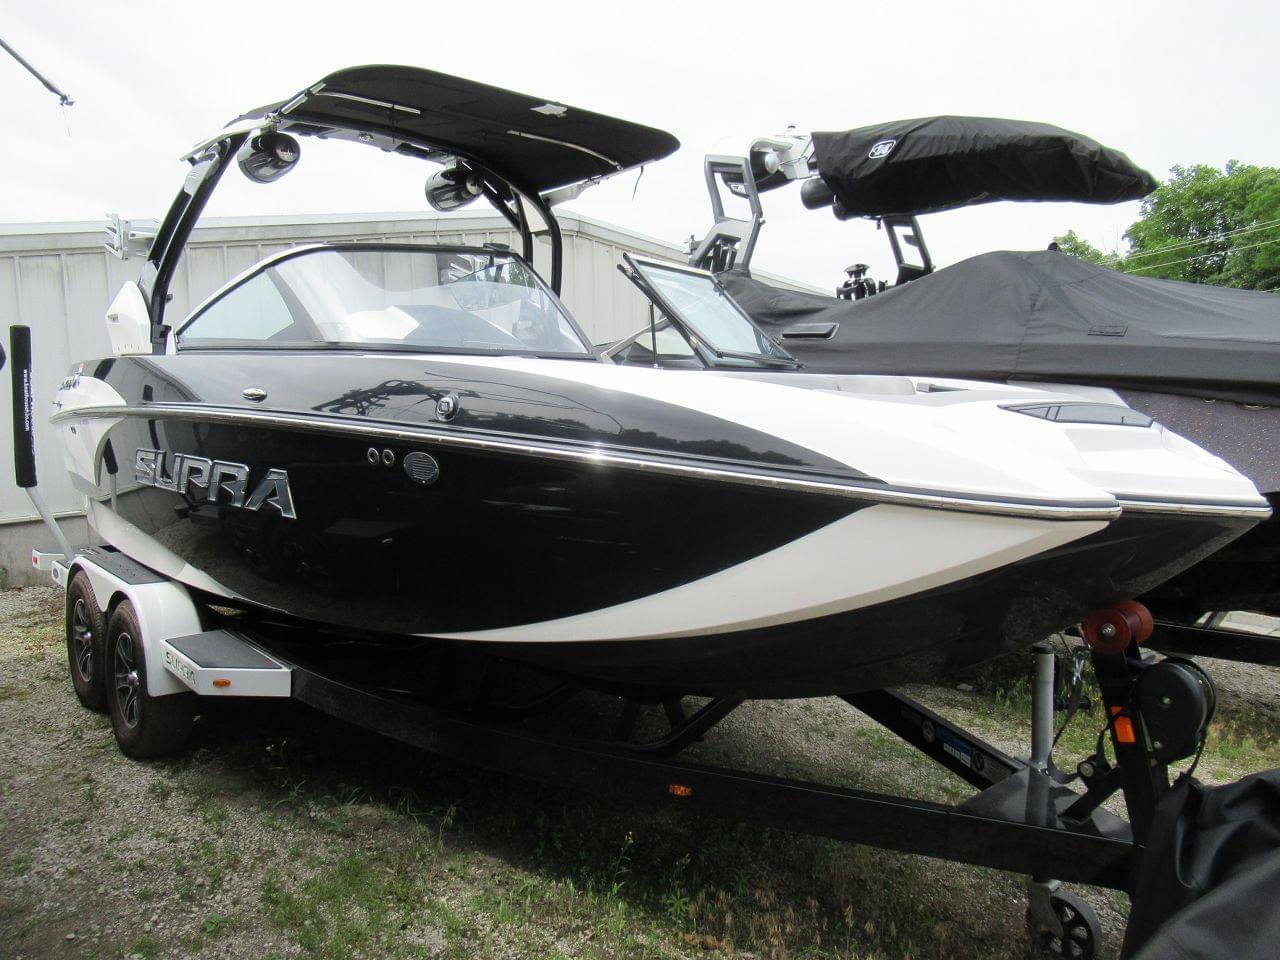 Supra SR400